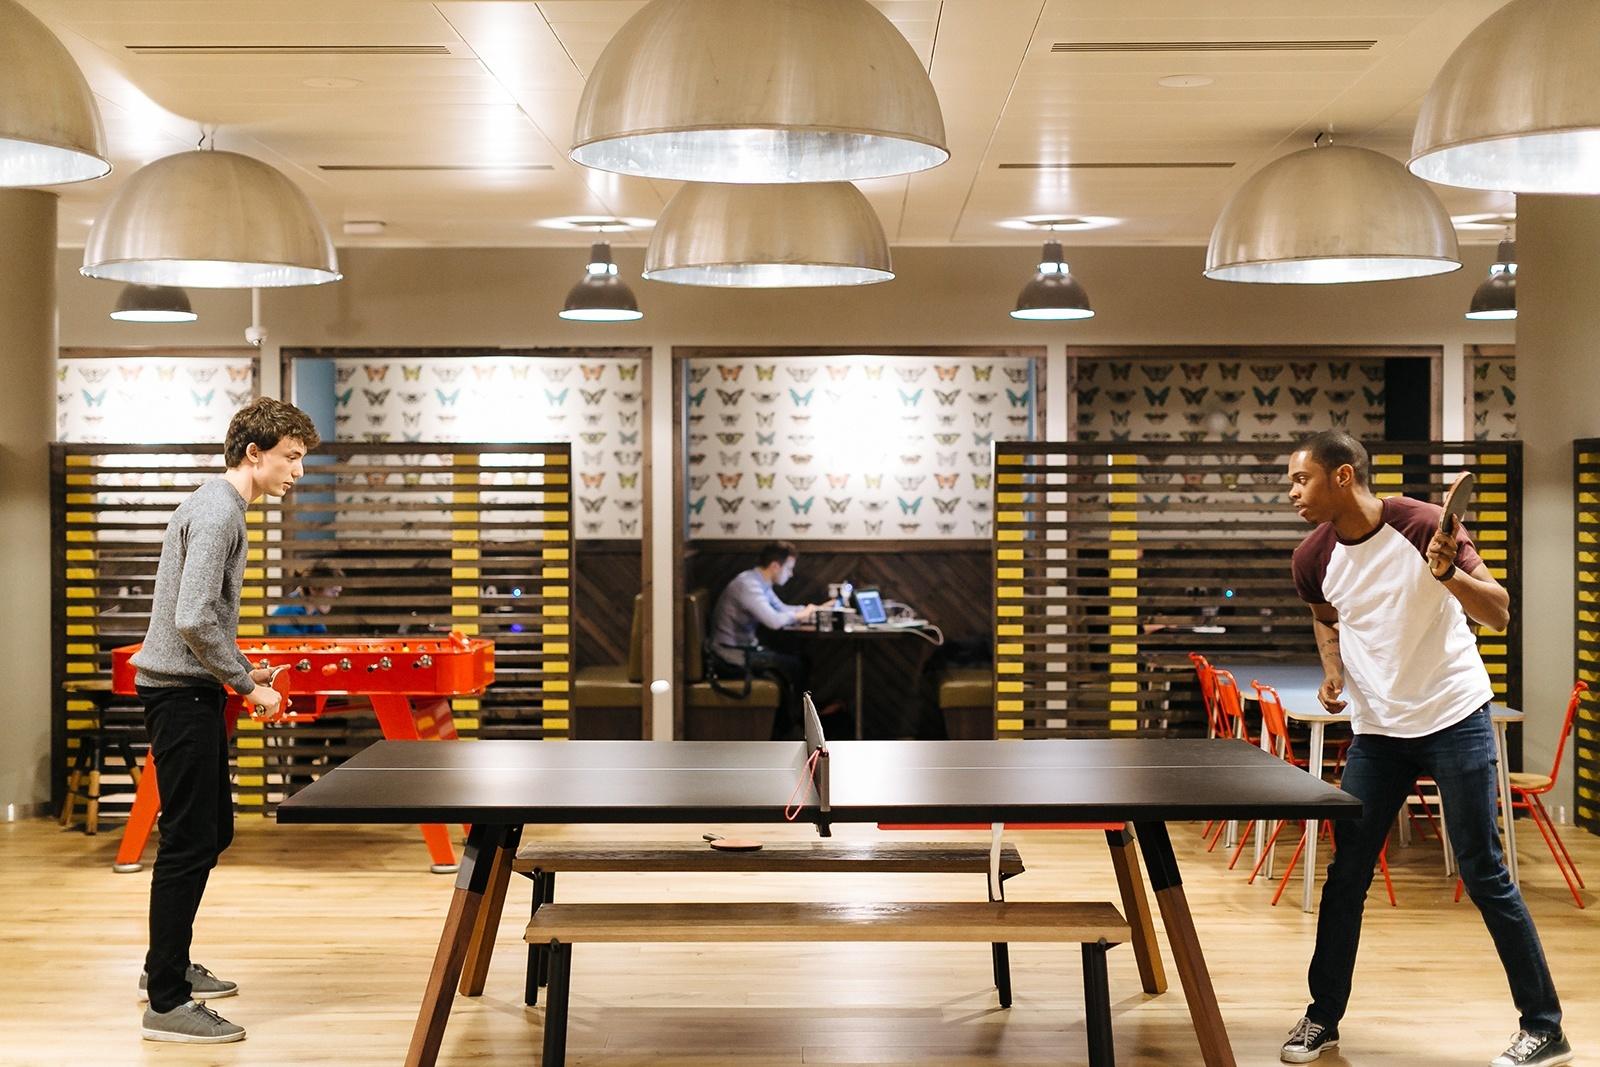 wework-moorgate-14 - A Look Inside WeWork's Moorgate Coworking Space